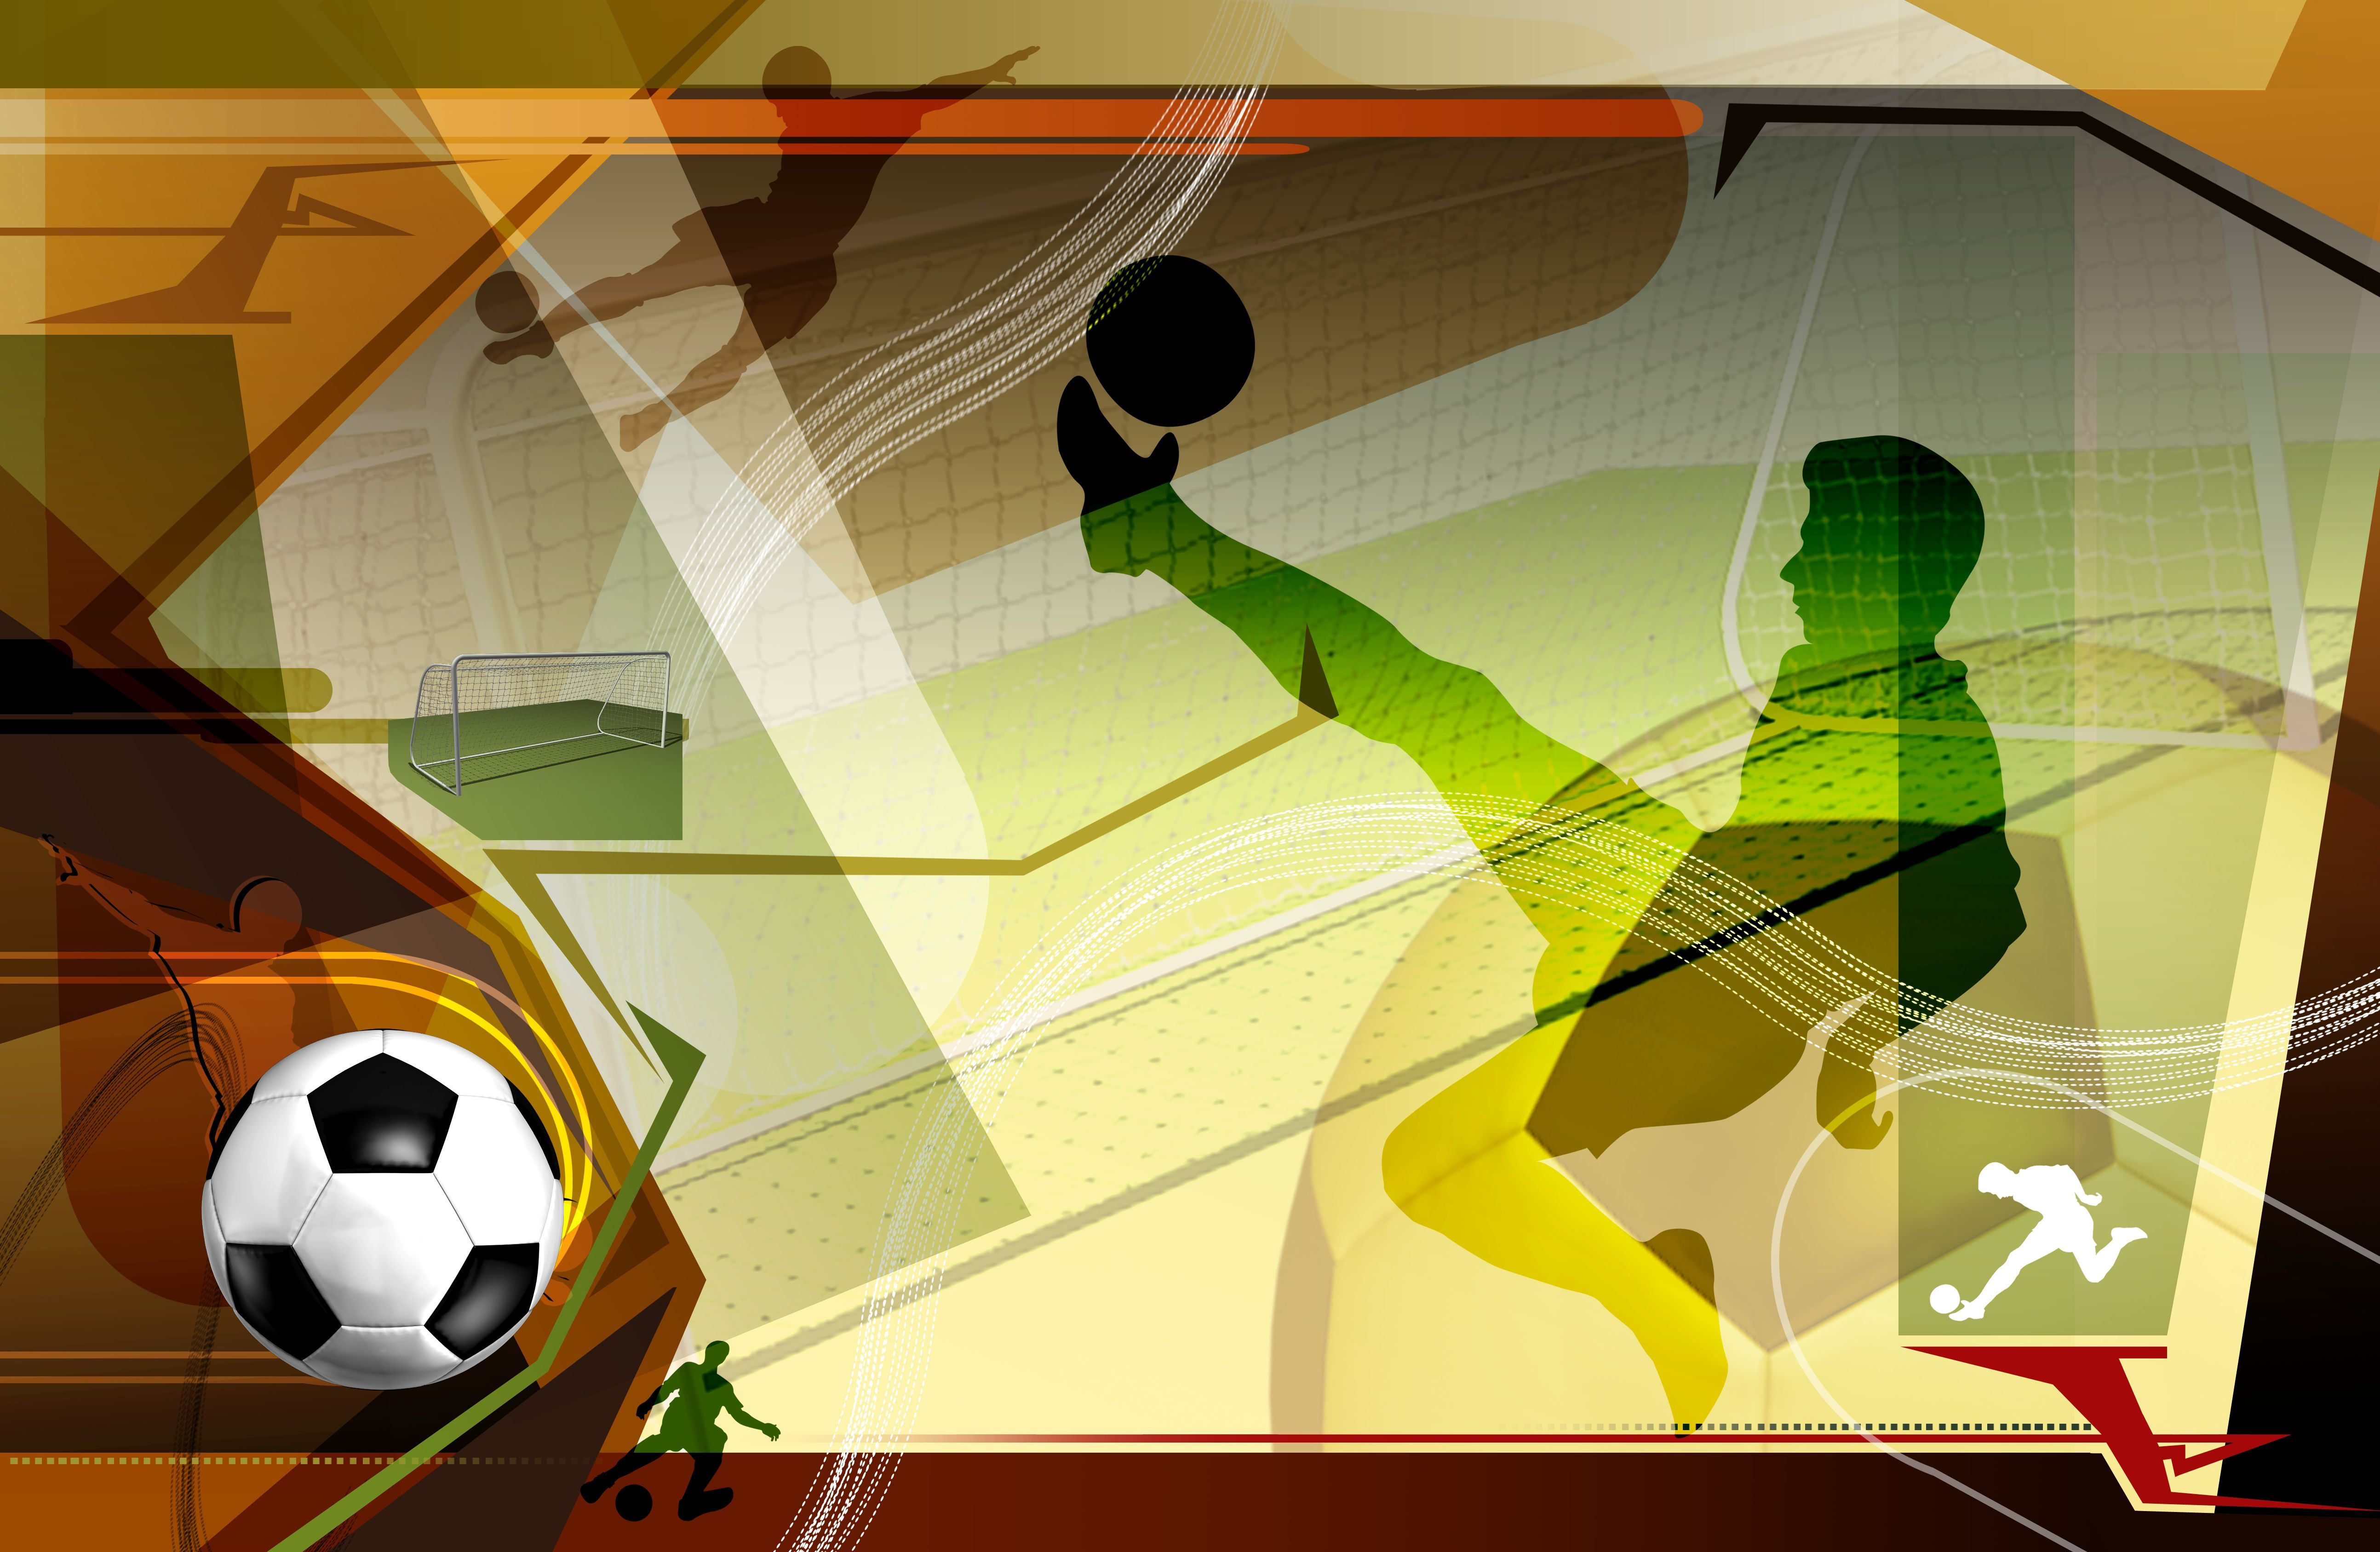 Надписью пообщаемся, открытка про футбол